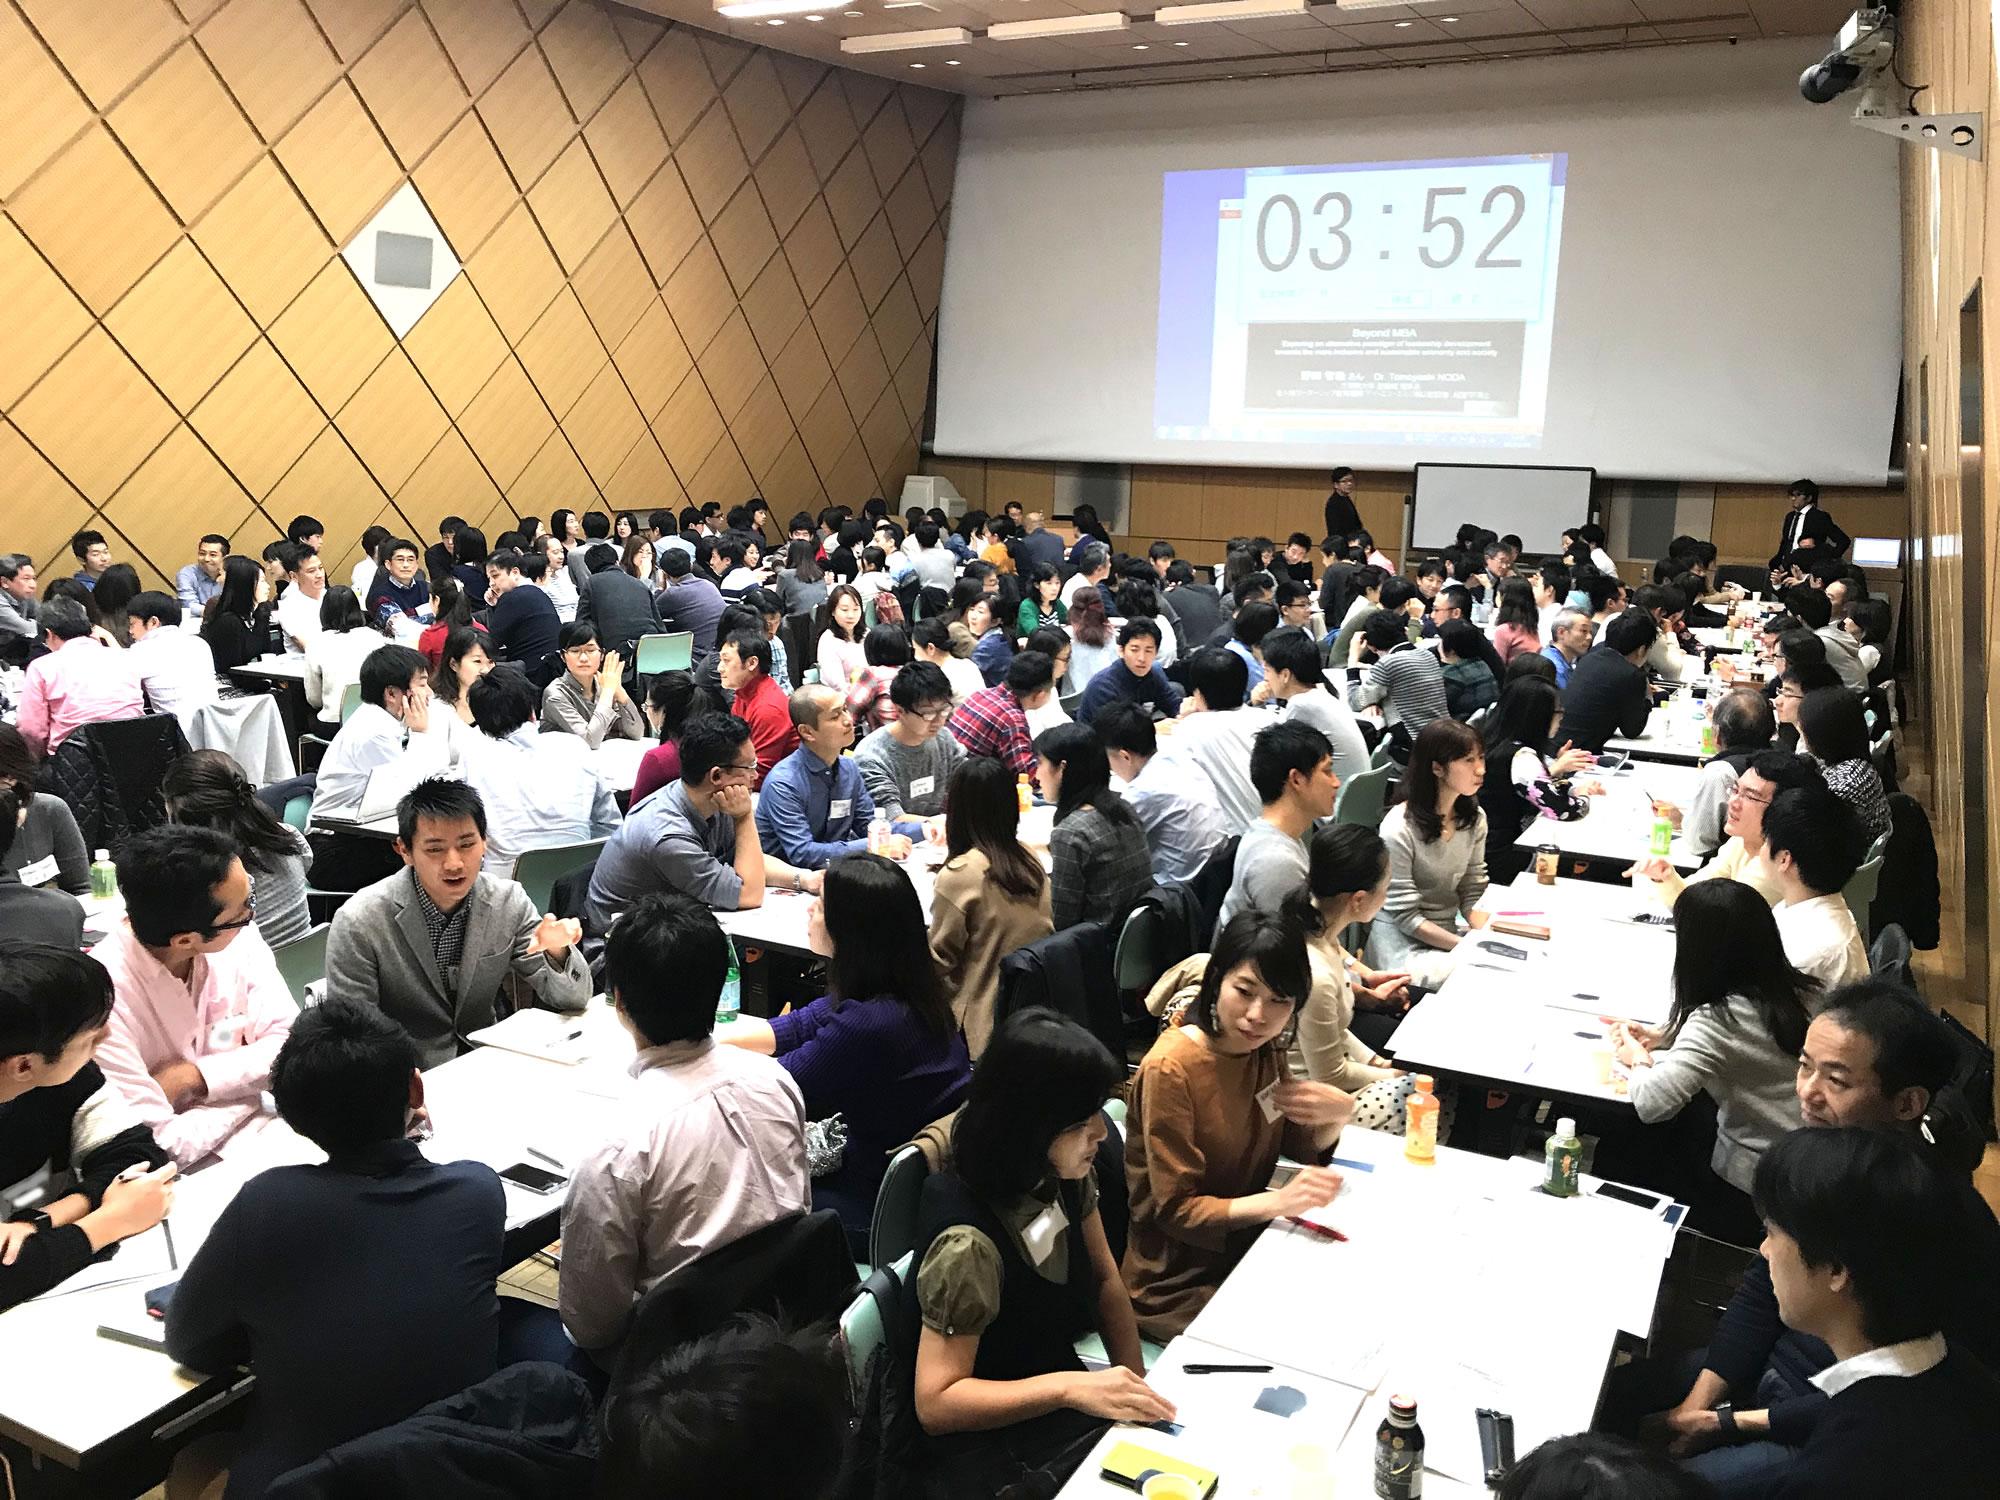 20171125 Vital Japan 「MBAを超えて ~ 世界のリーダーシップ教育のパラダイムシフトへの挑戦」英語ディスカッション